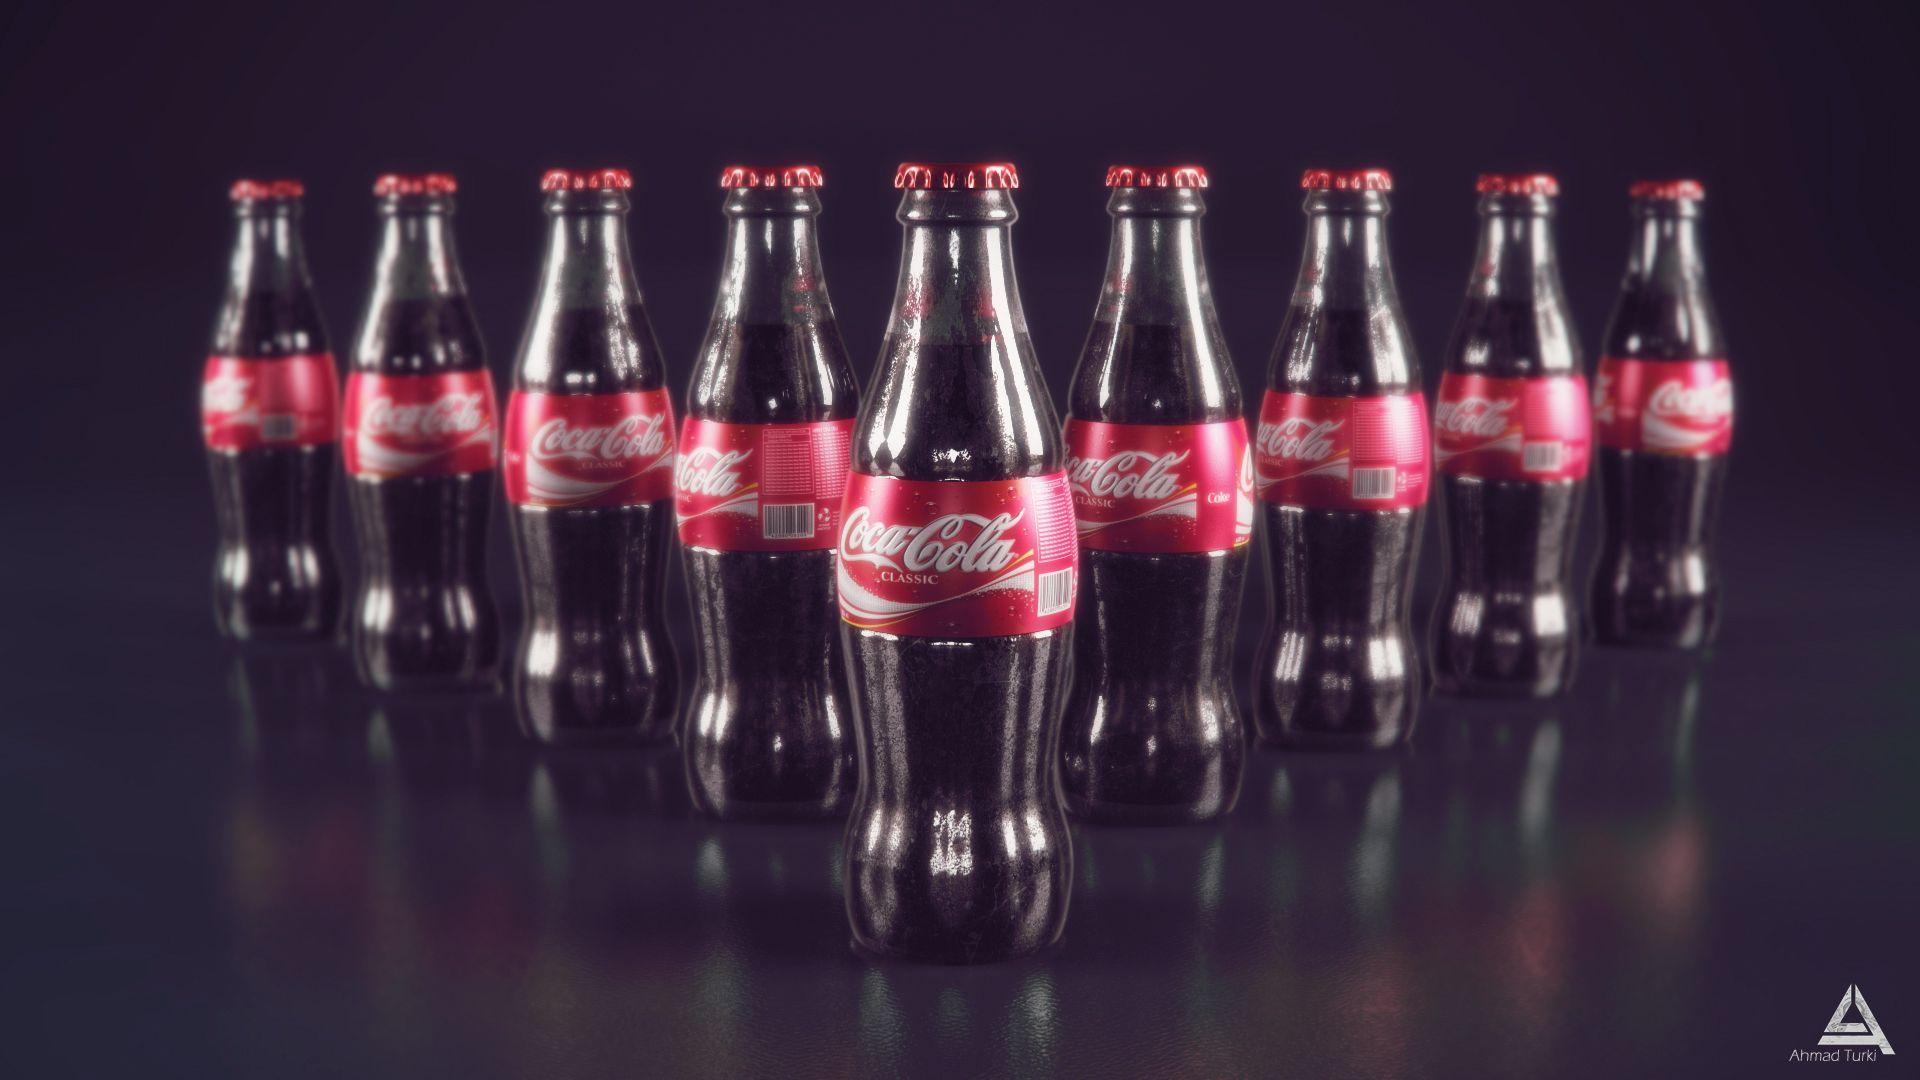 Coca Cola screen wallpaper